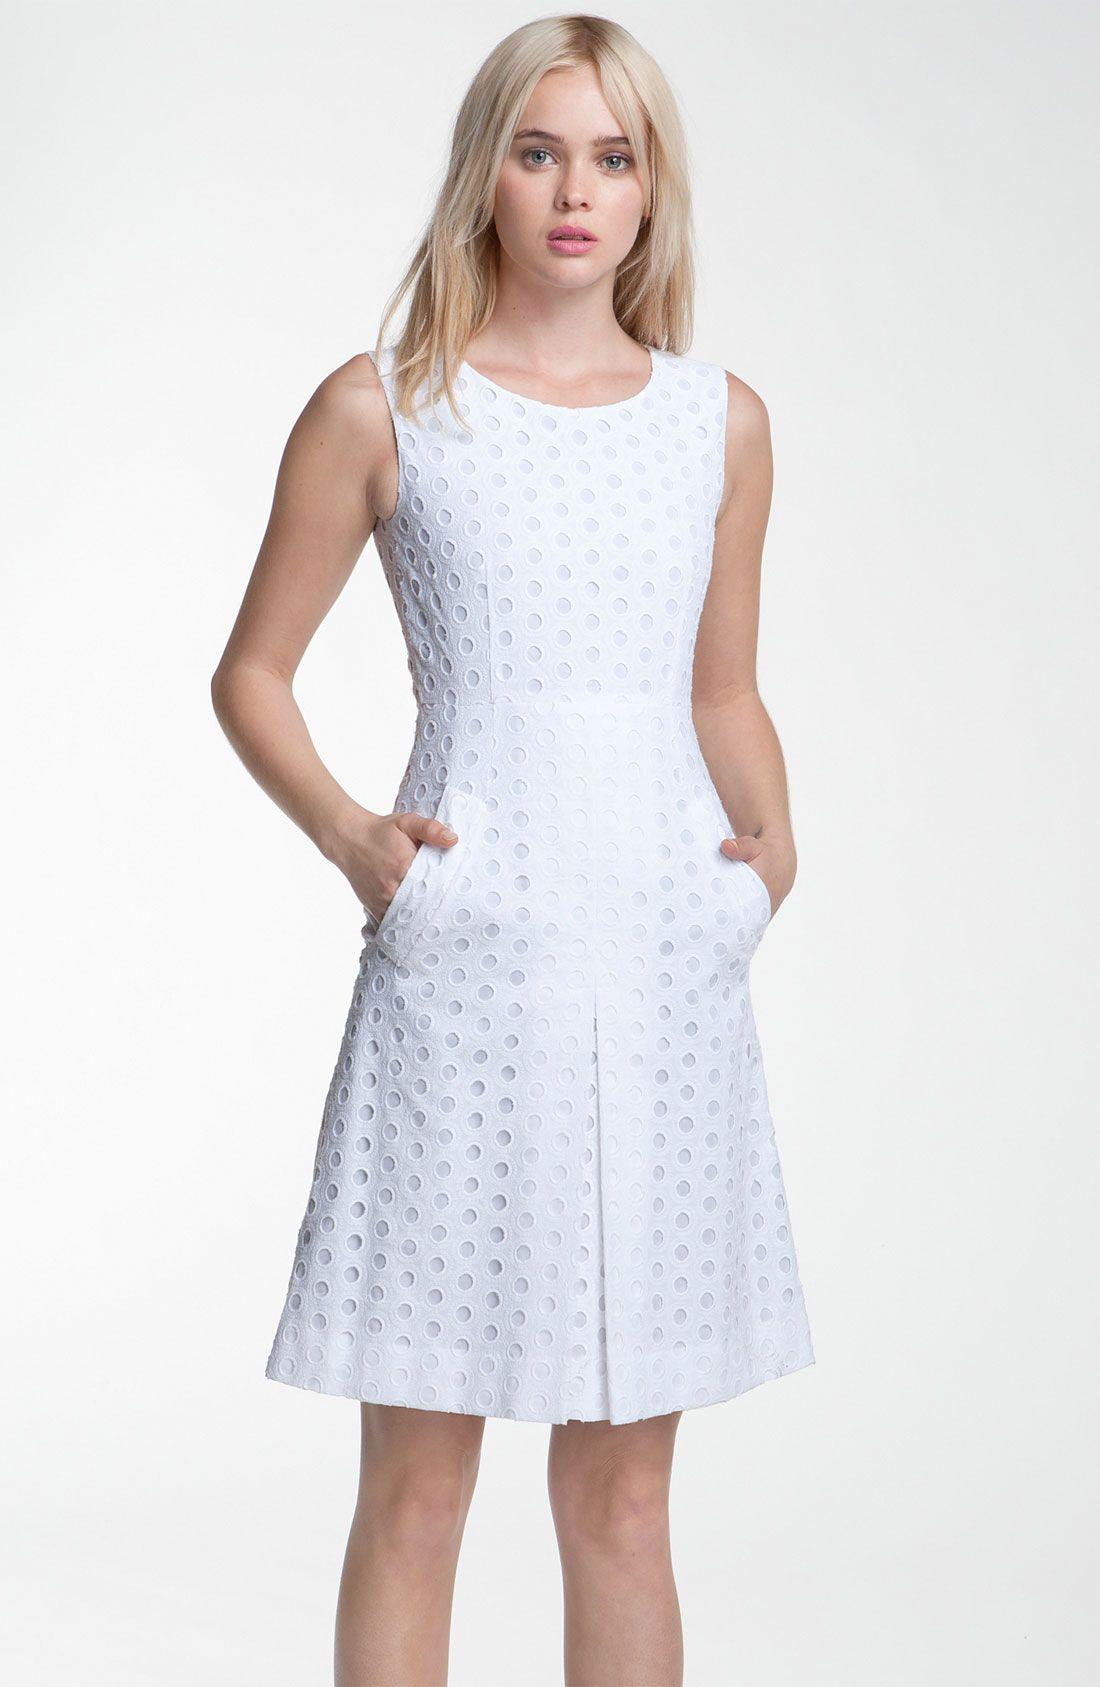 Diane von Furstenberg   Outfits I love   Pinterest   Vestiditos ...